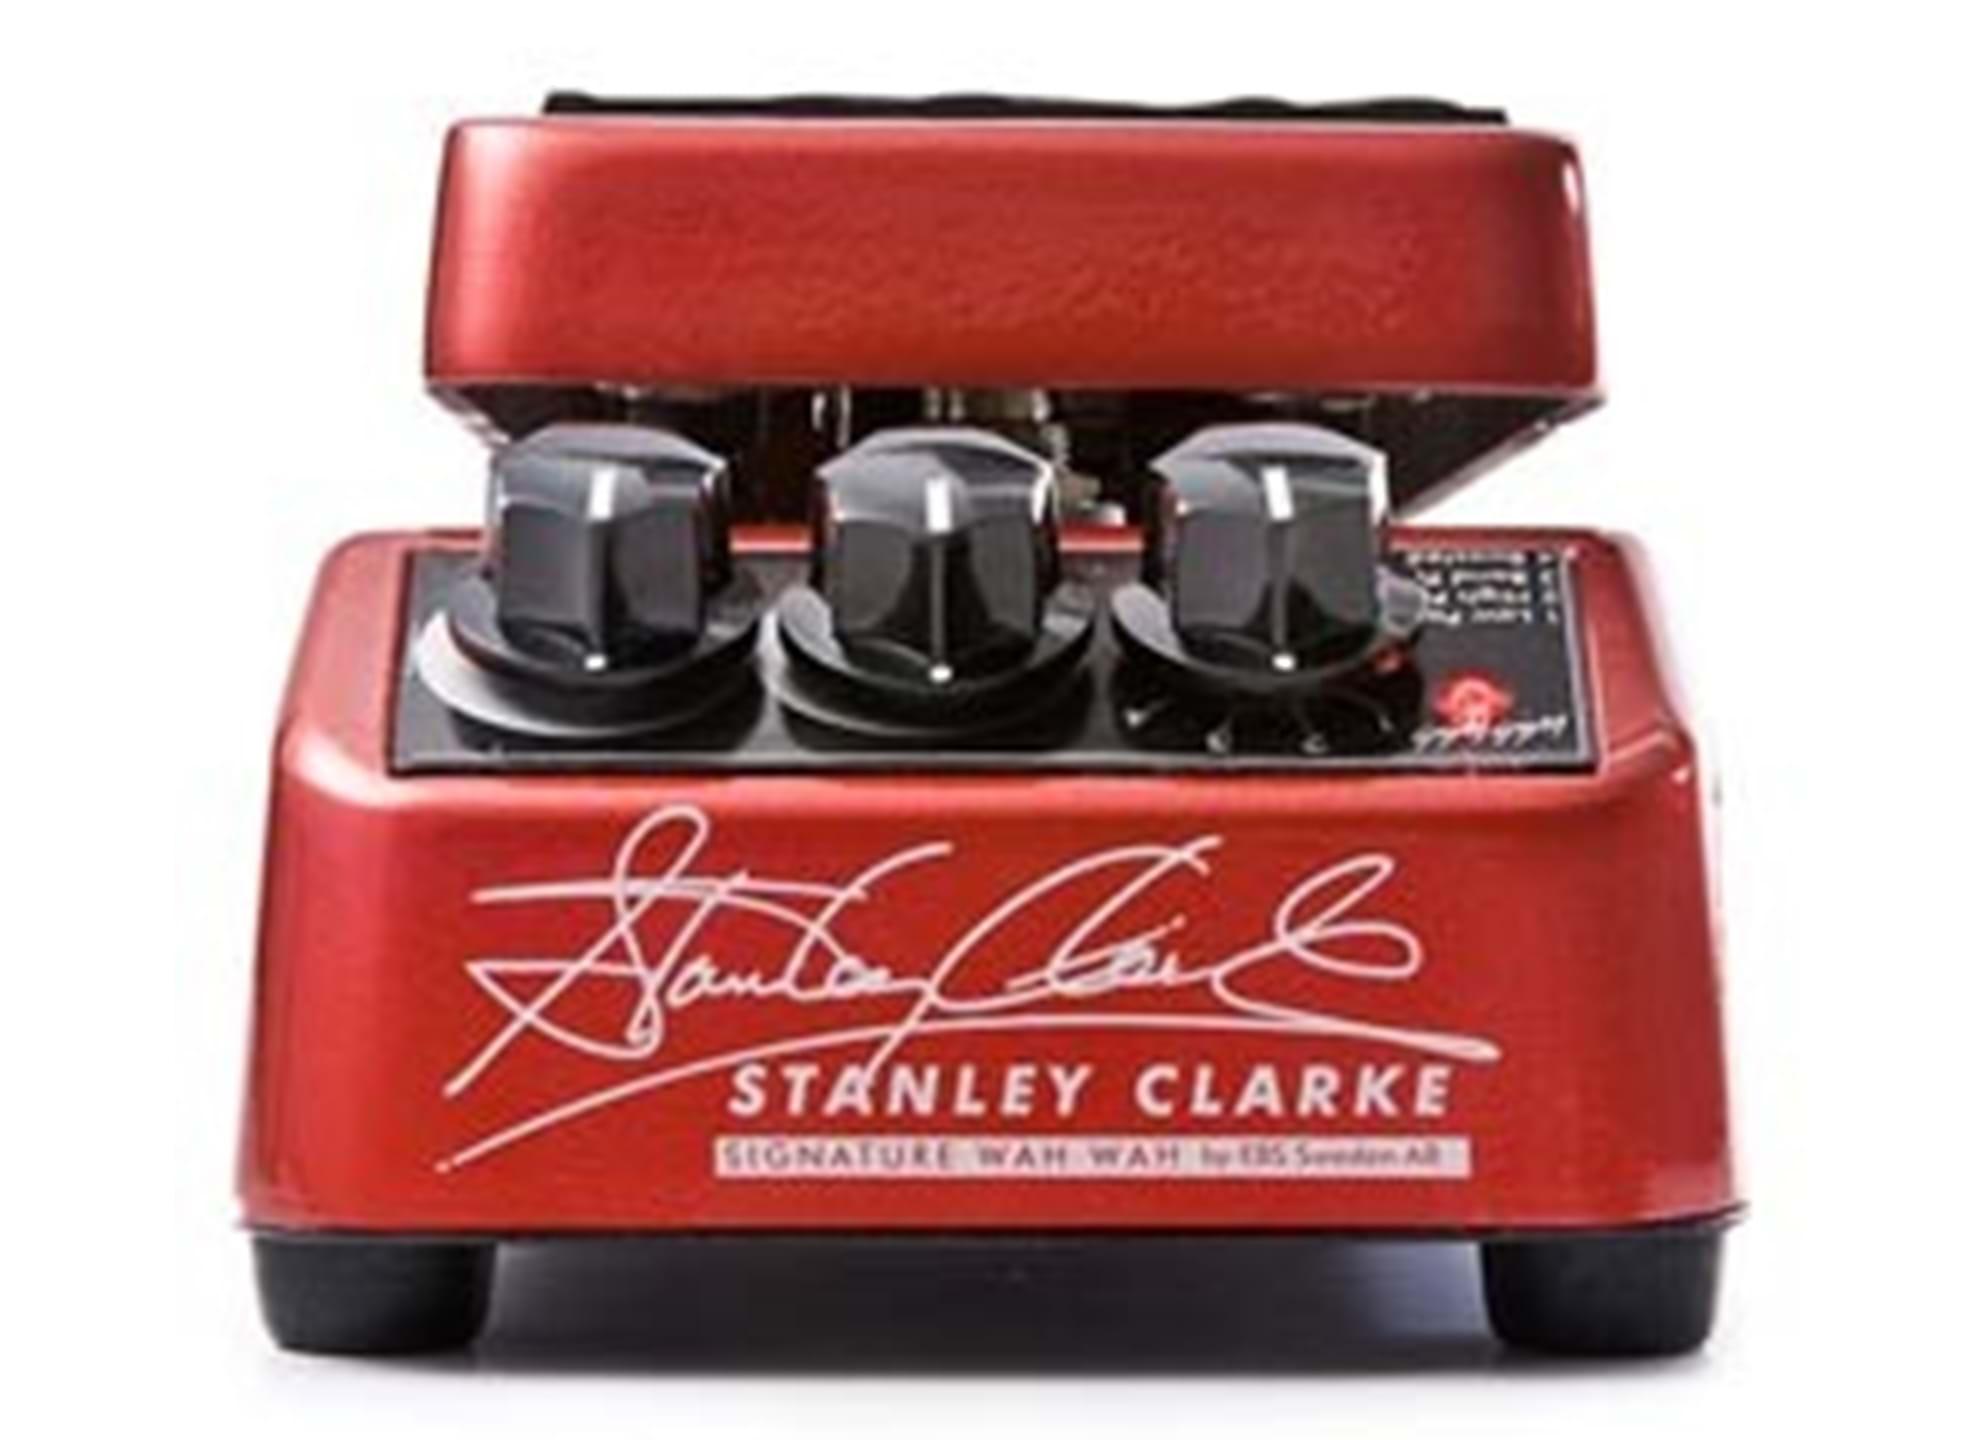 Stanley Clarke Signature Wah-Wah